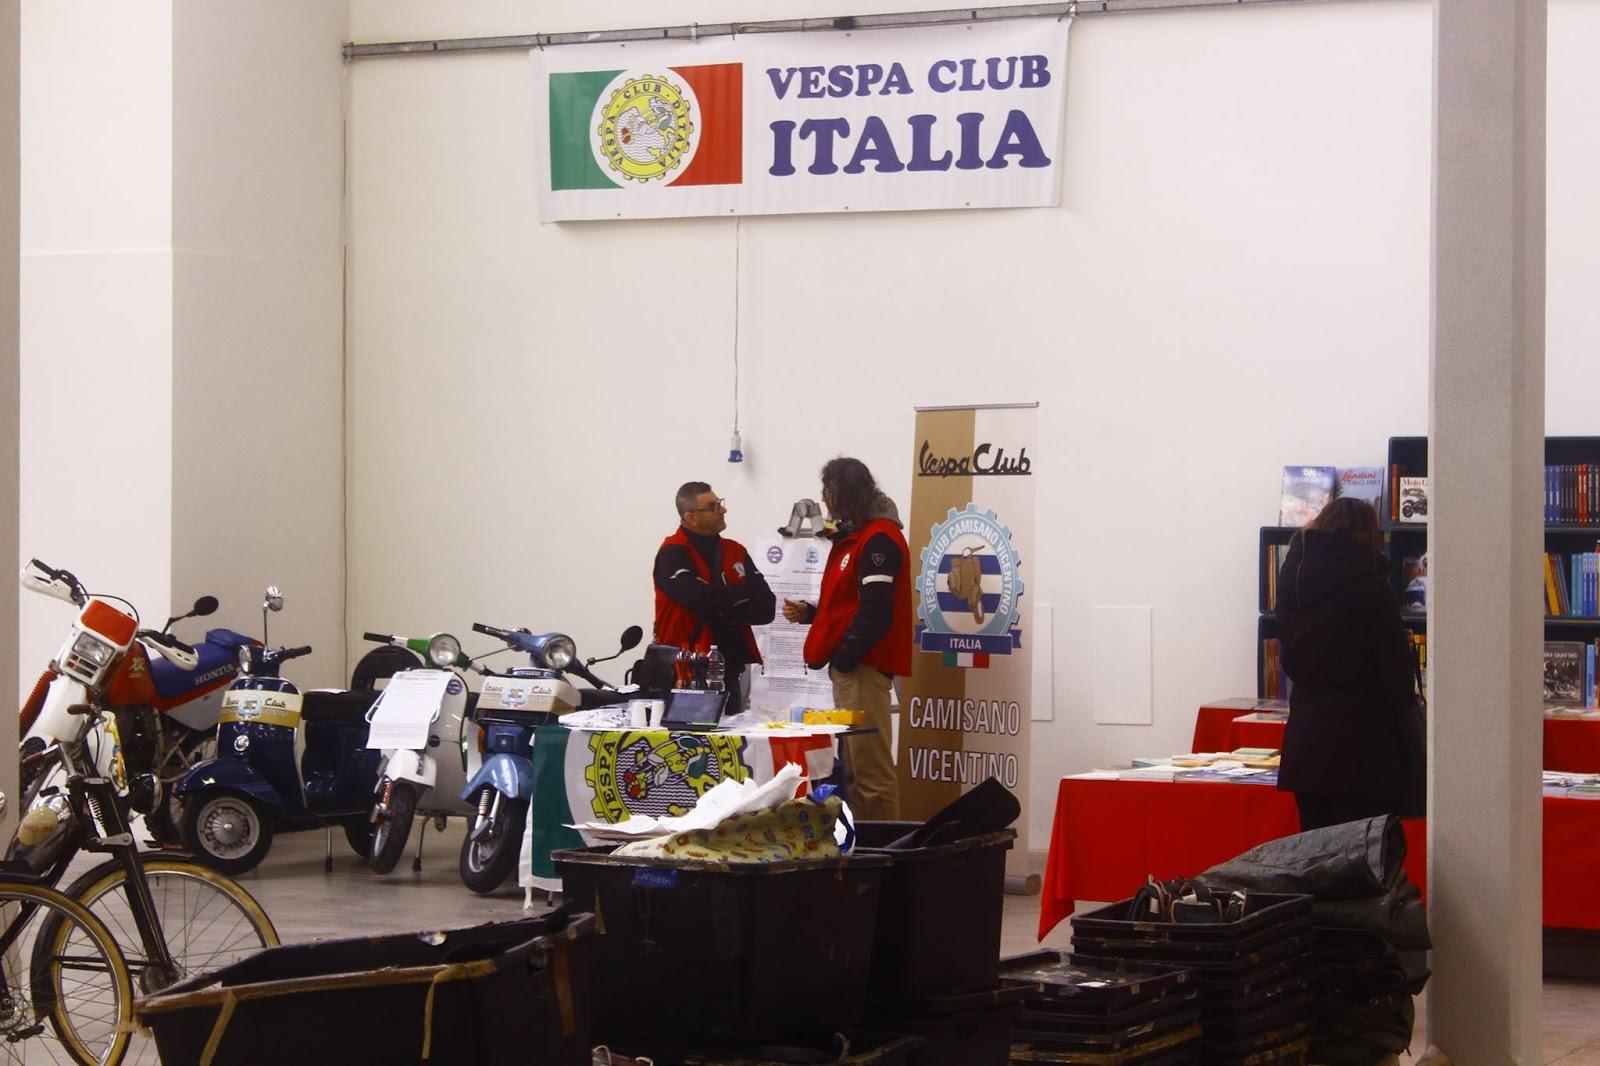 Vespa club camisano vicentino a s d for Vespa club volta mantovana